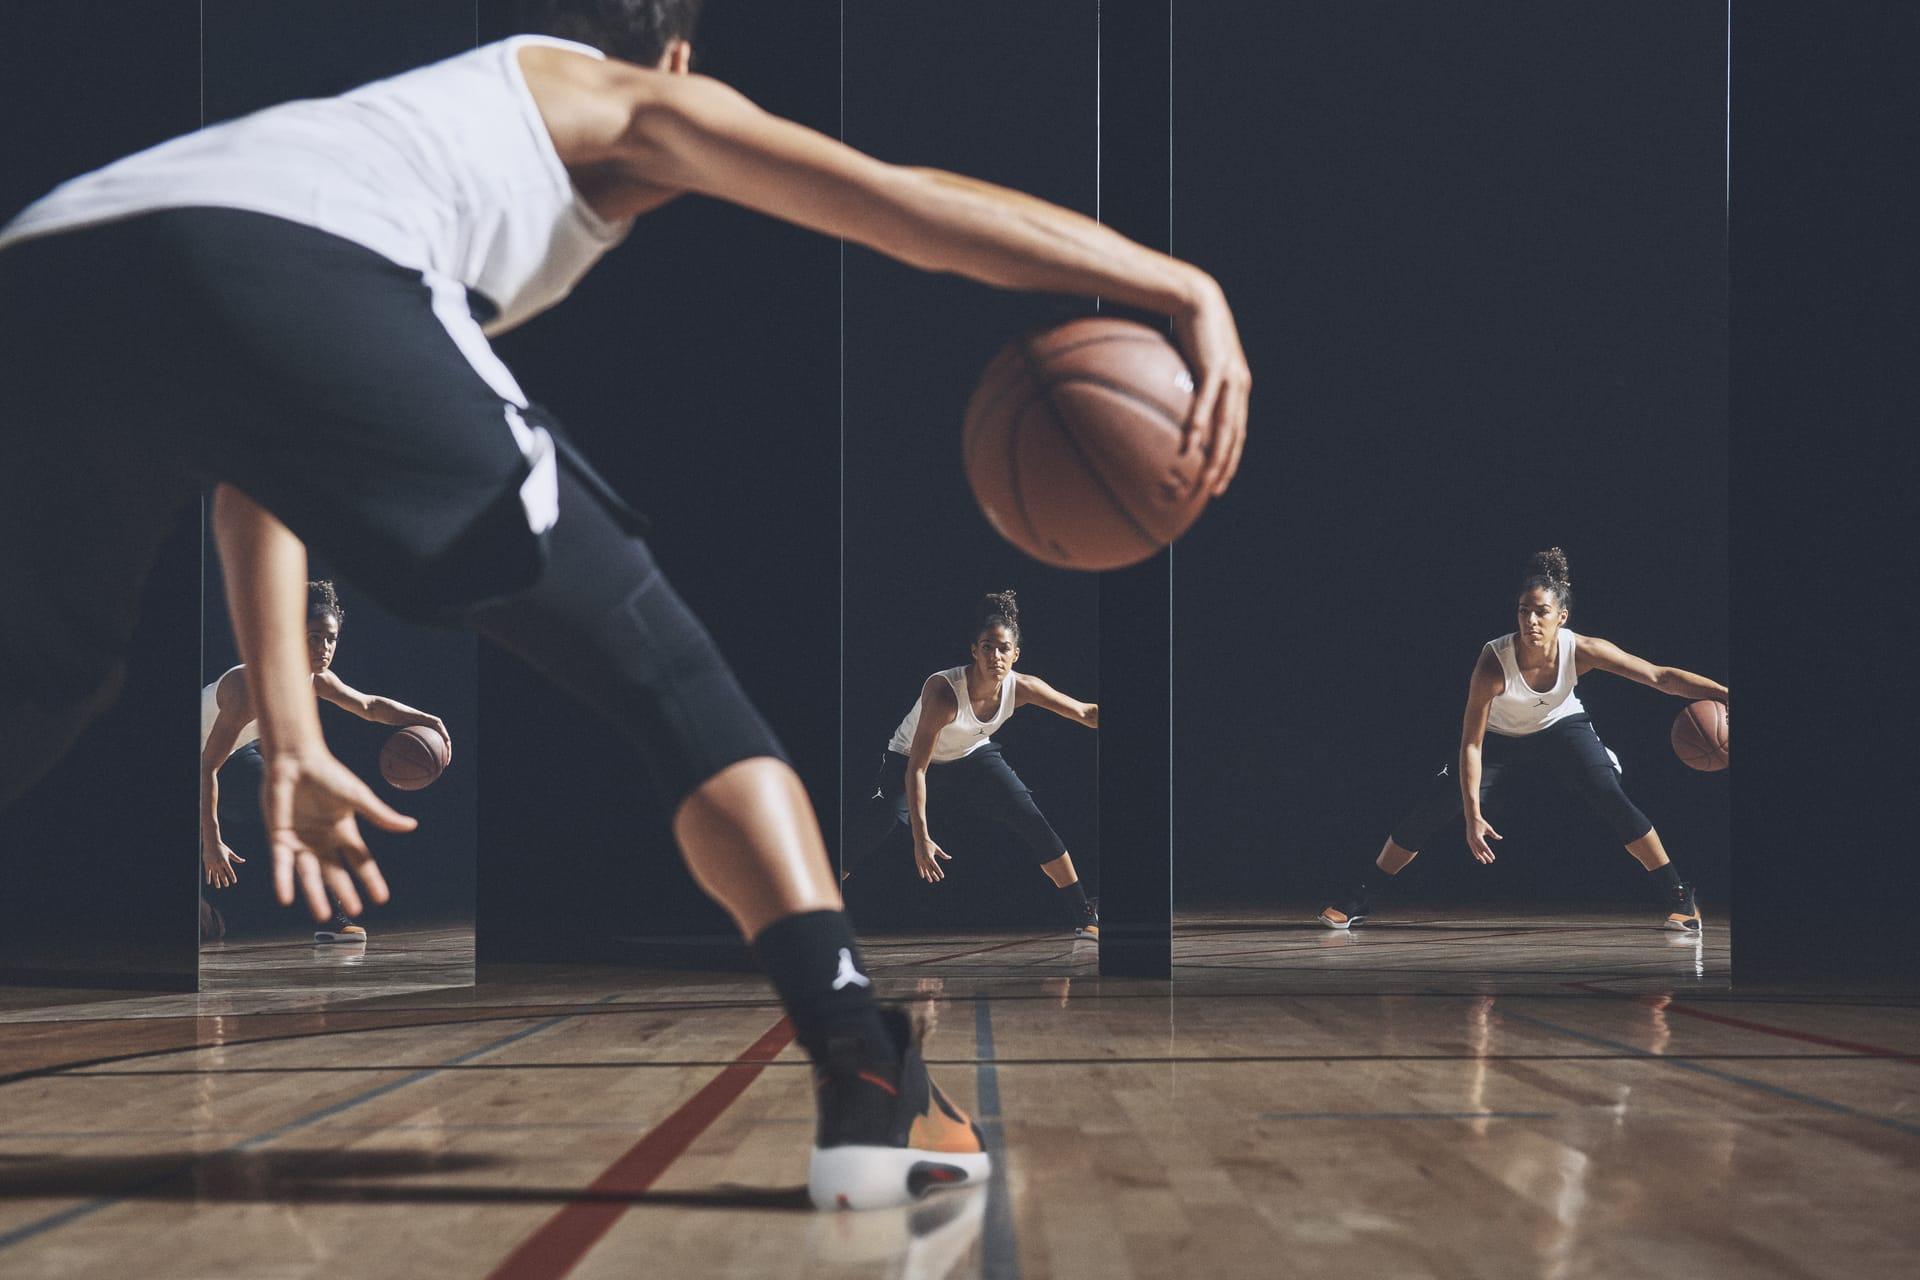 En quoi consiste le programme Reuse-A-Shoe de Nike ? | Aide Nike